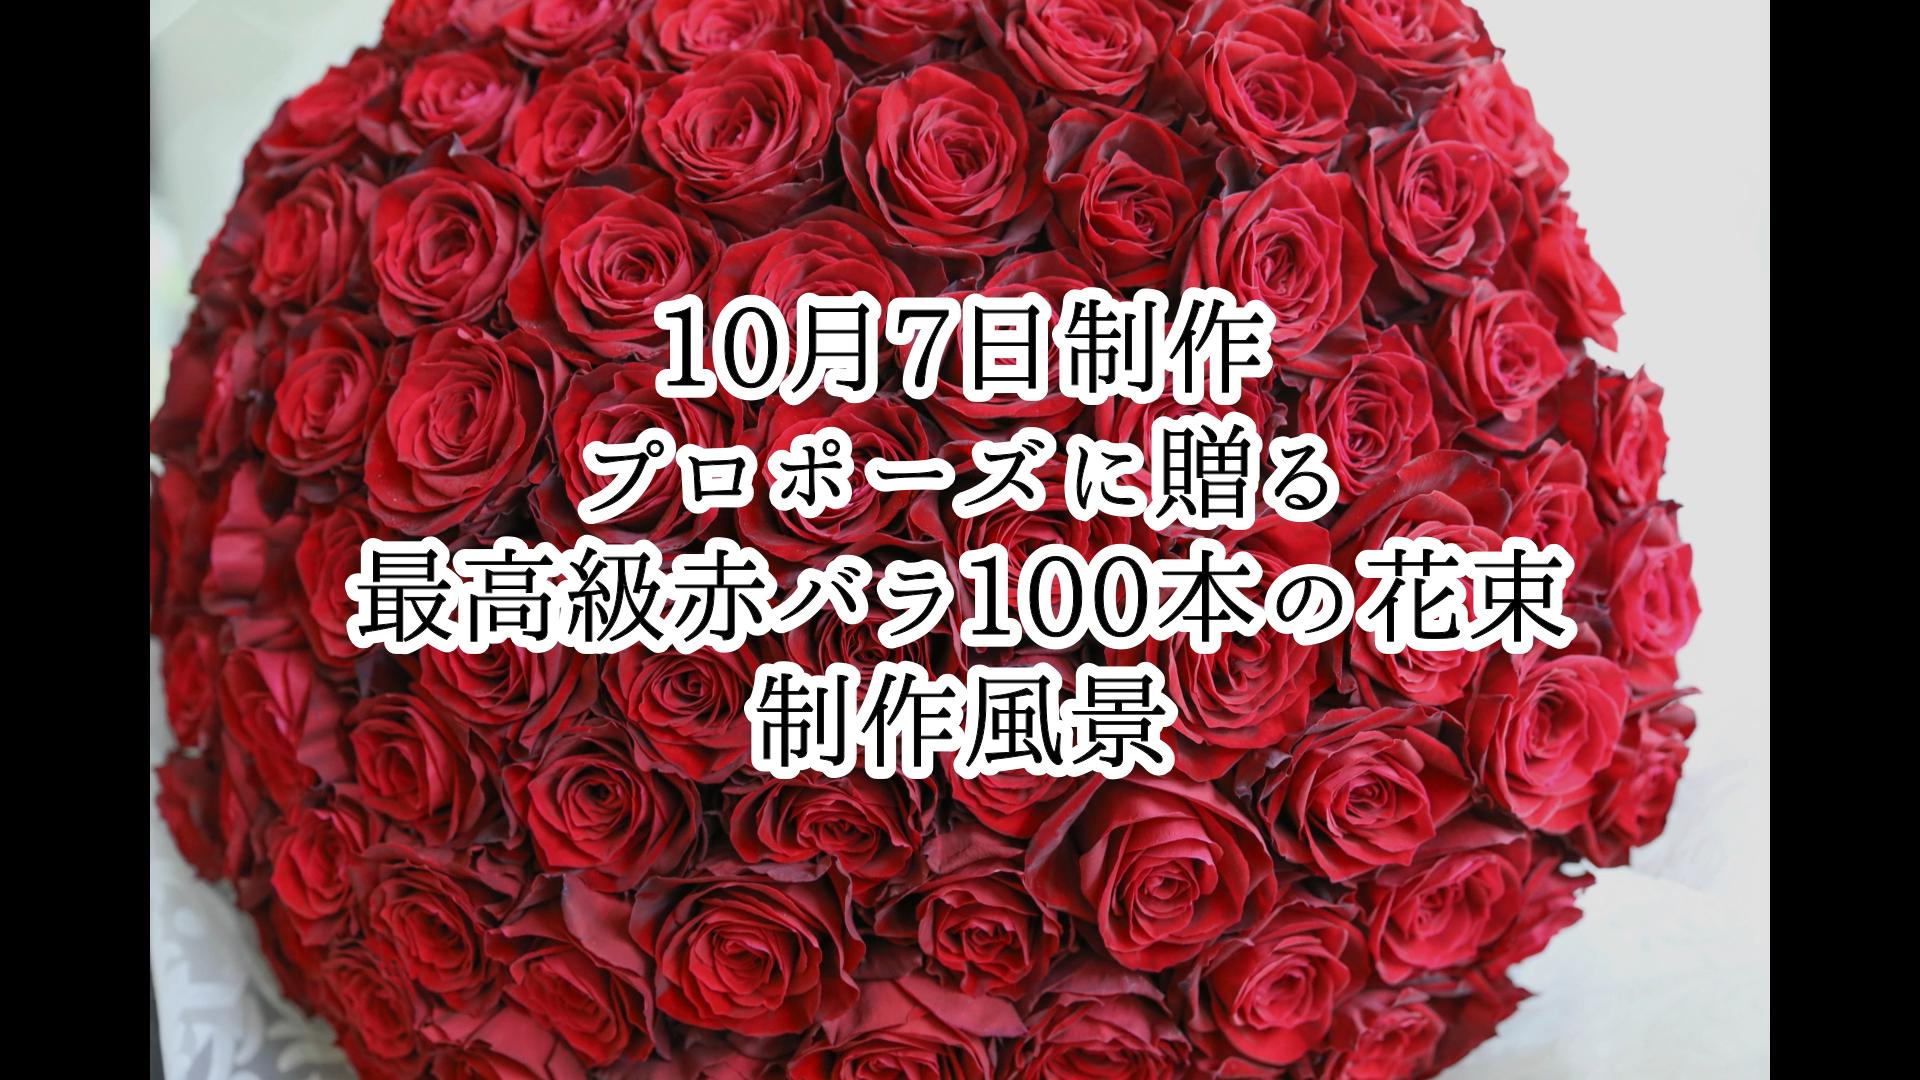 【プロポーズに】最高級赤バラ100本の花束制作動画 2021/10/07撮影